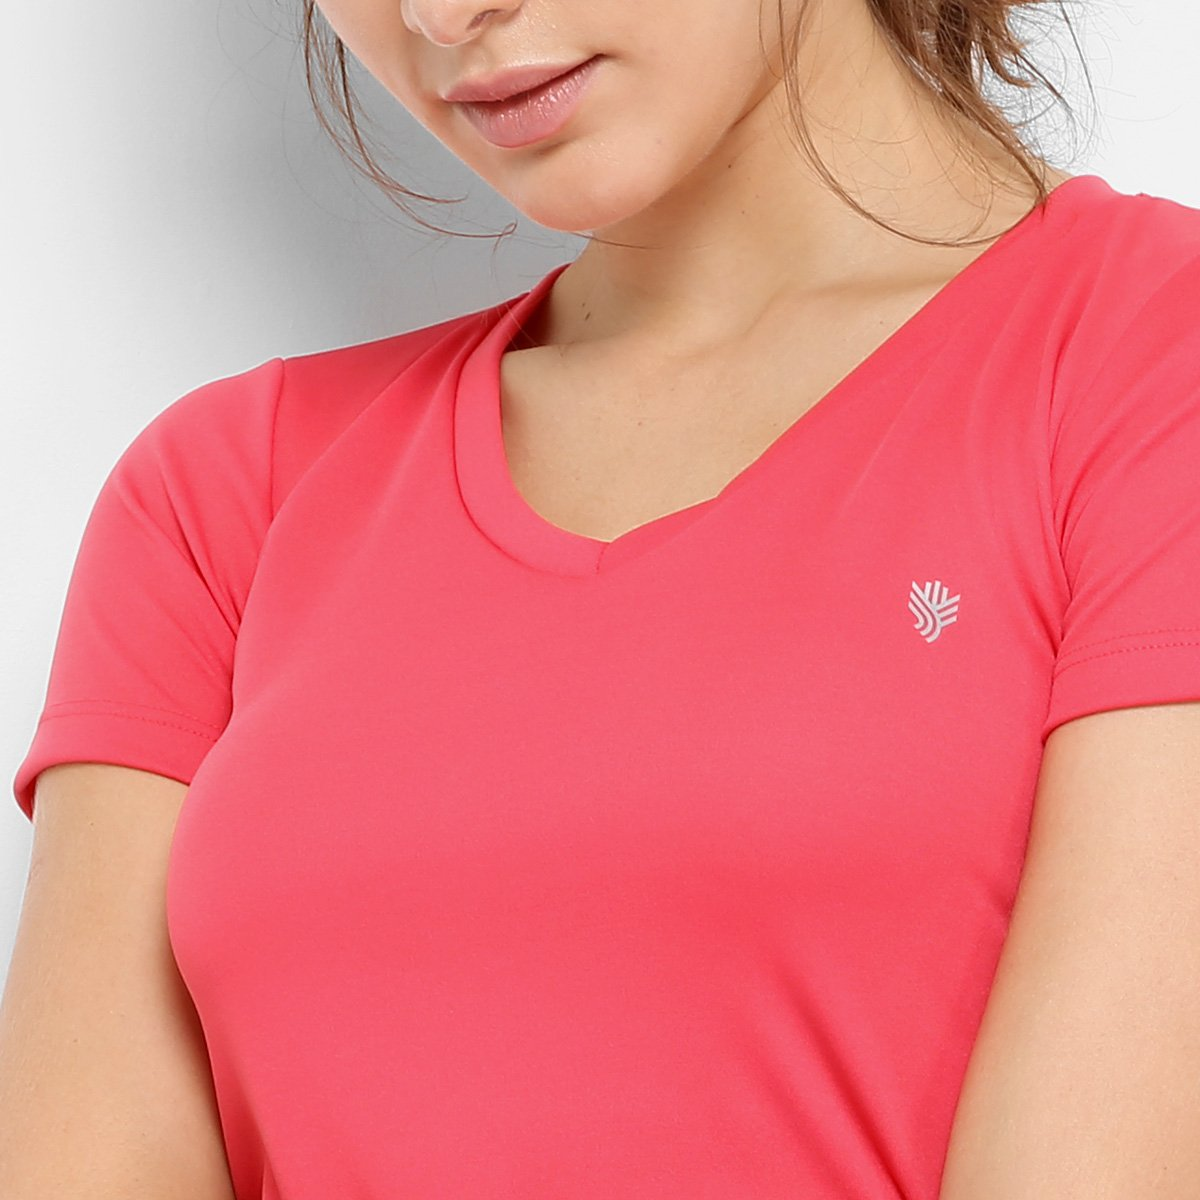 Basic Camiseta Feminina GONEW Feminina Camiseta Basic Lola Camiseta Pink Pink GONEW GONEW Lola TwUOO1vx